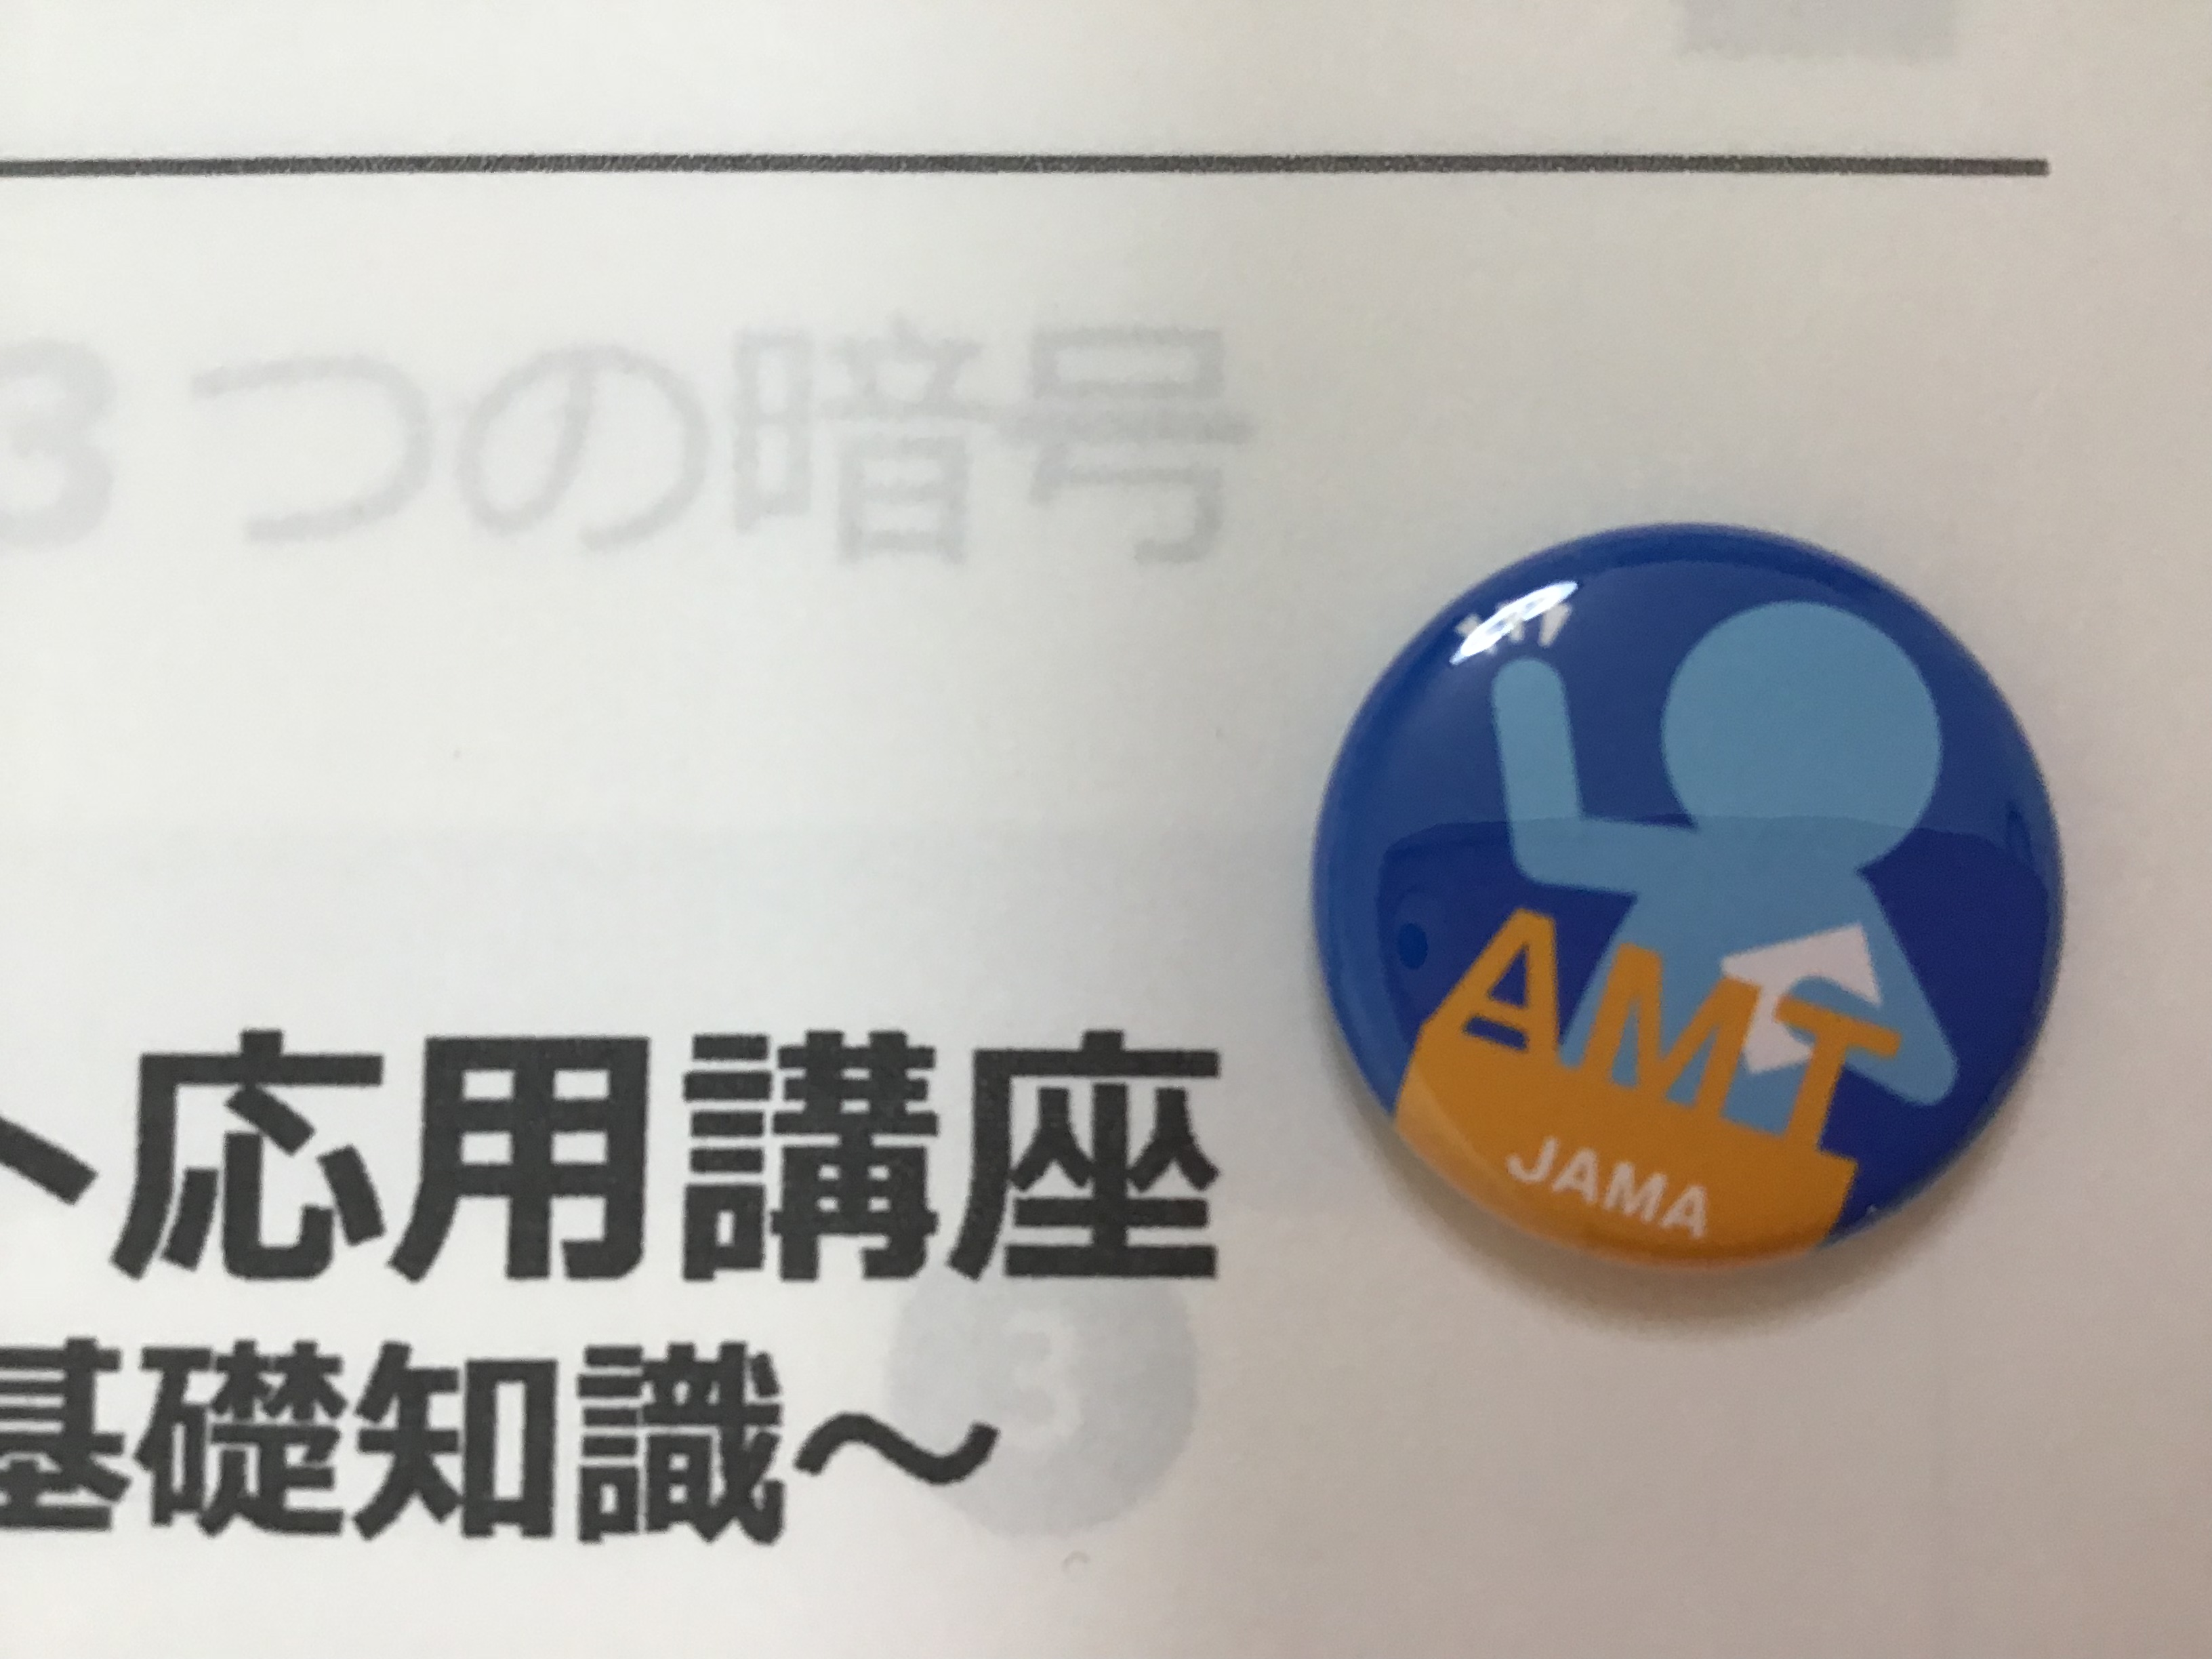 アンガーマネジメント21日間トレーニング,